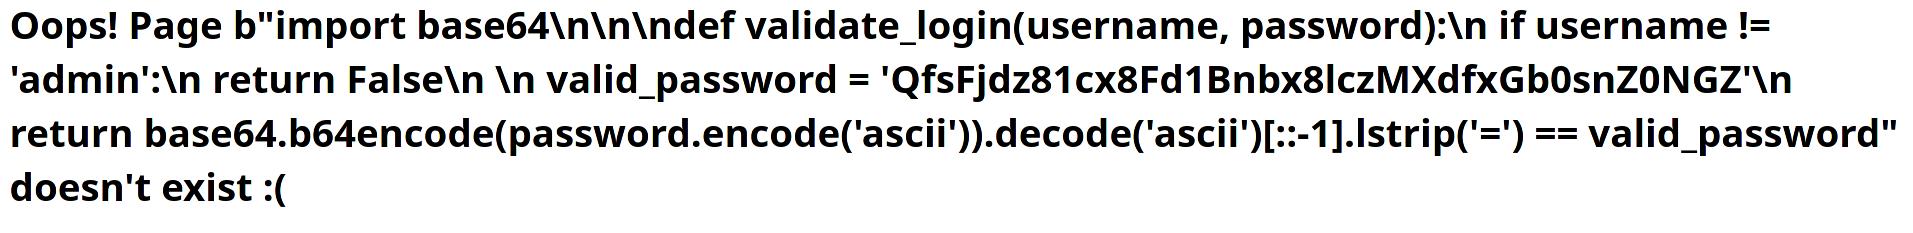 Leaked base64 encoded flag